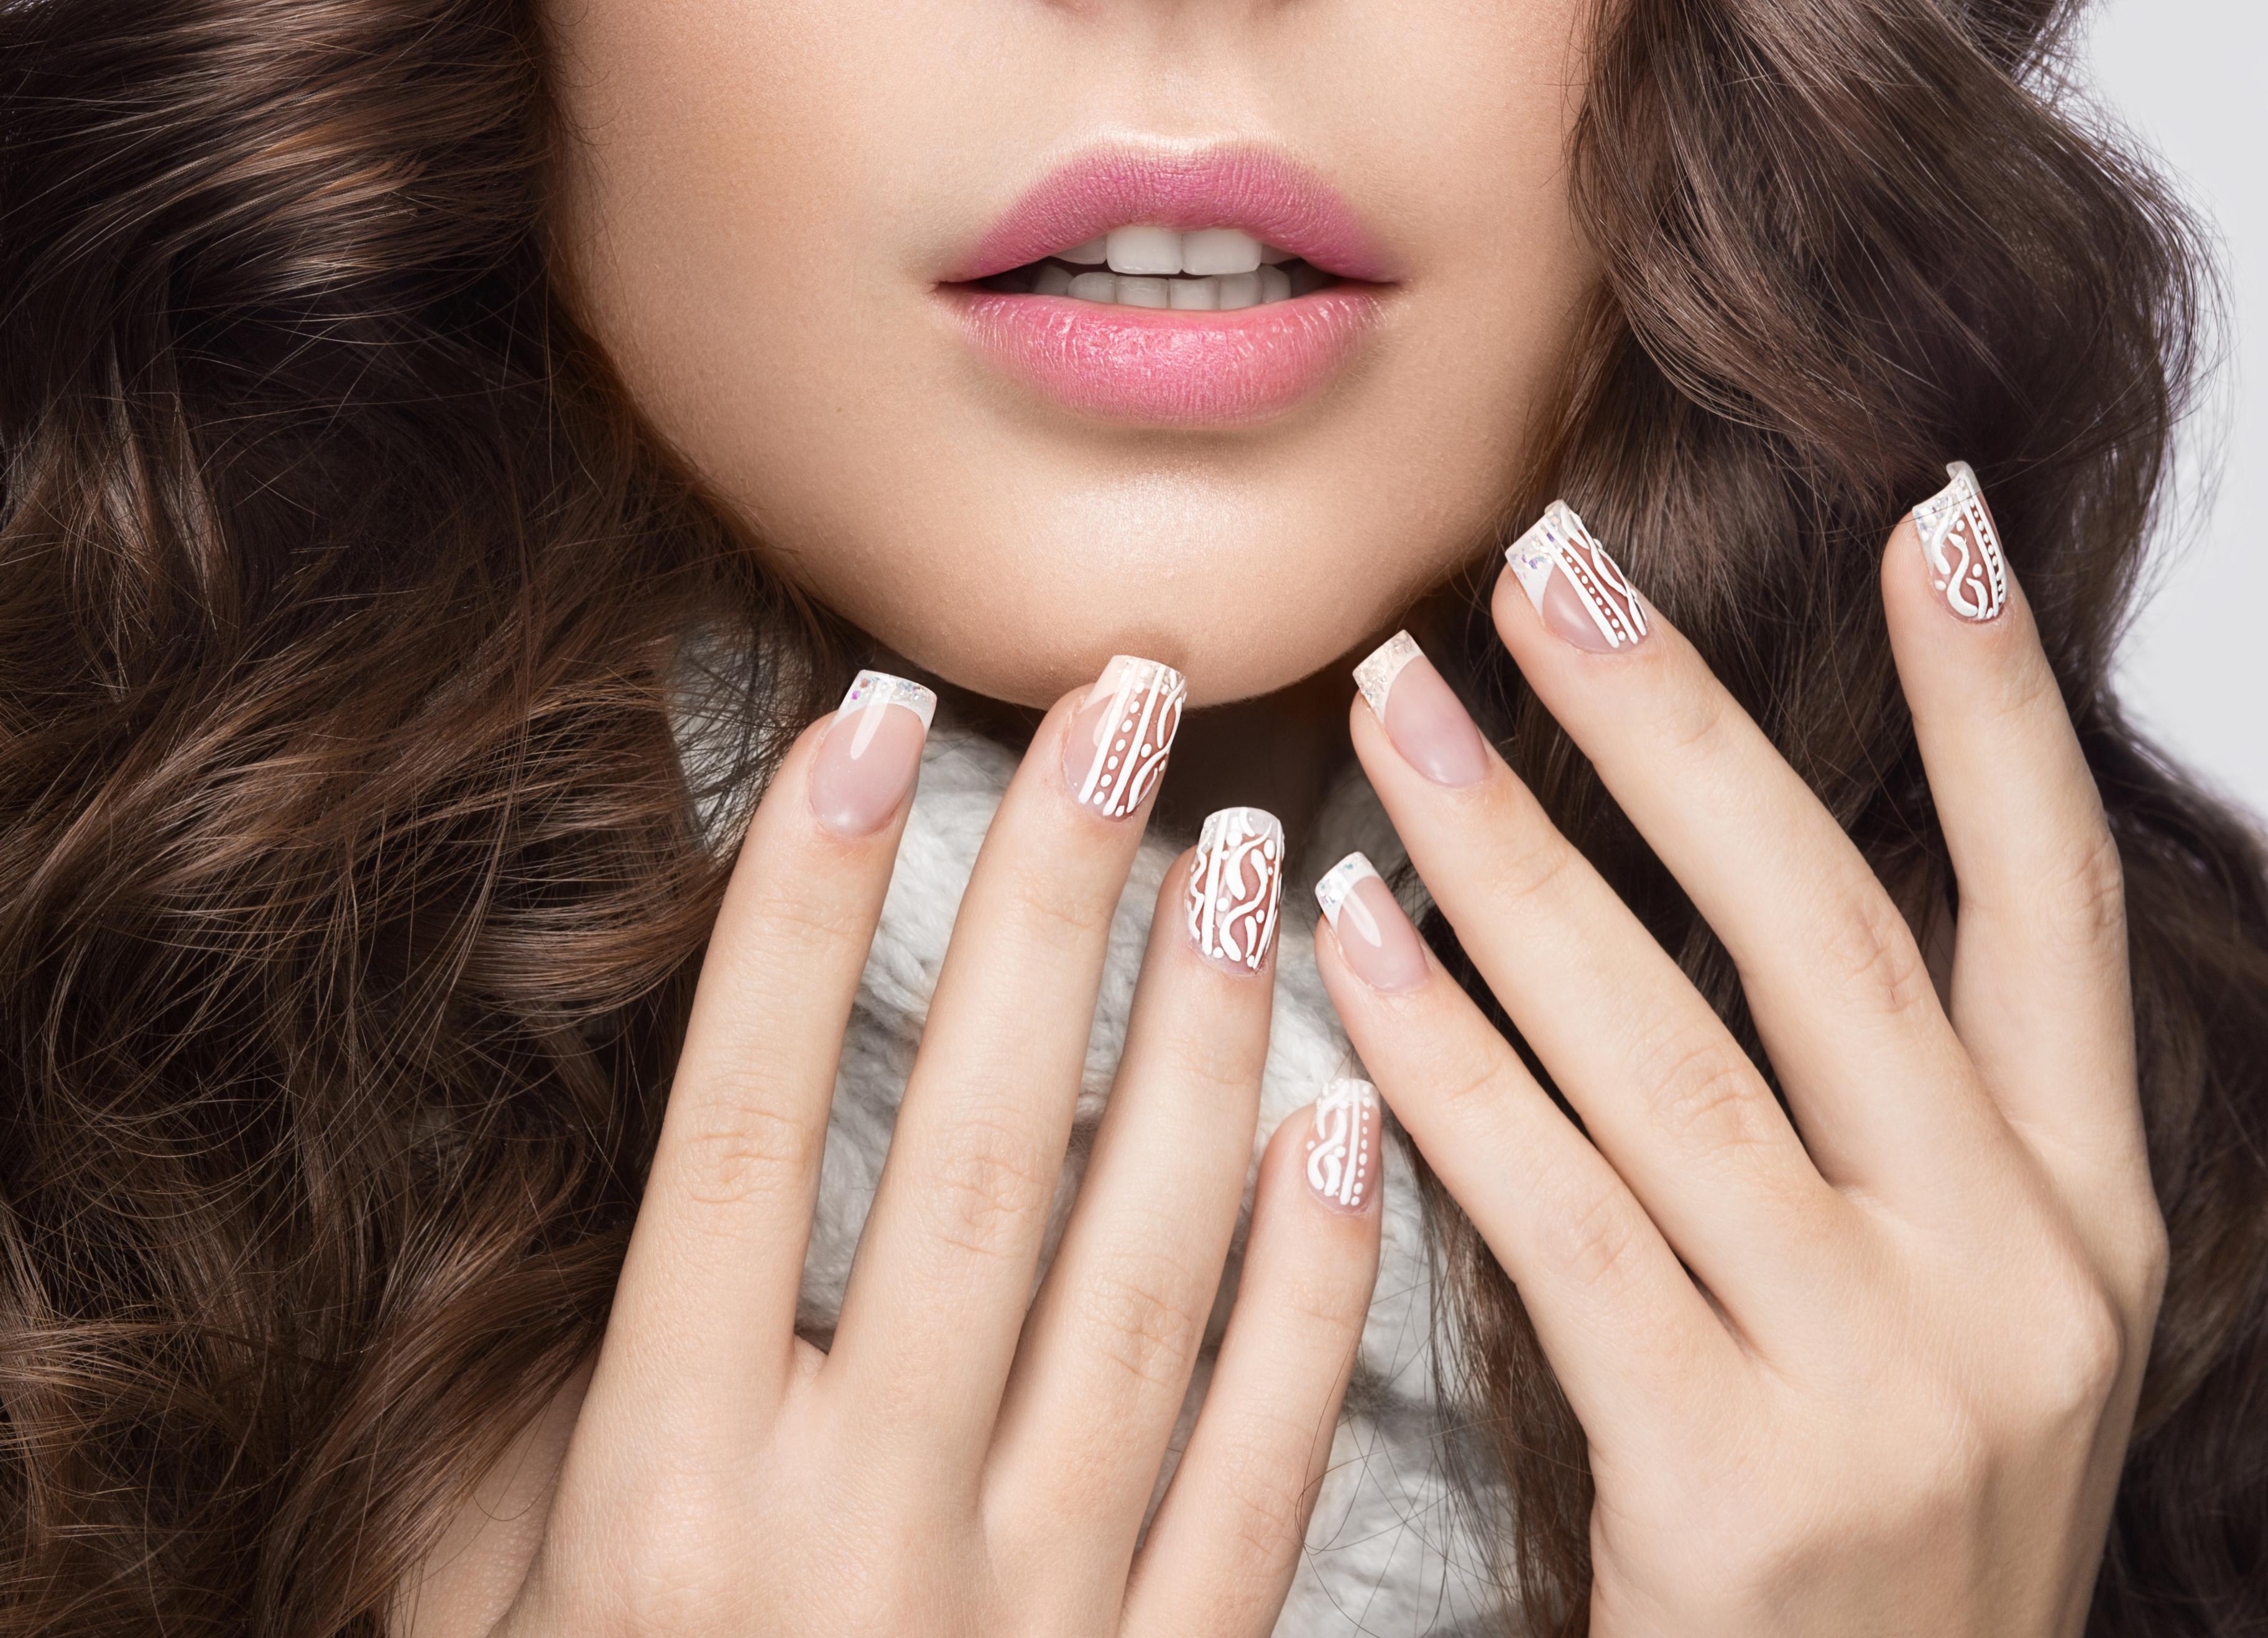 Ter unhas longas e fortes é o desejo de muitas mulheres. Veja dicas para cuidar das suas unhas e deixá-las cada vez mais saudáveis.